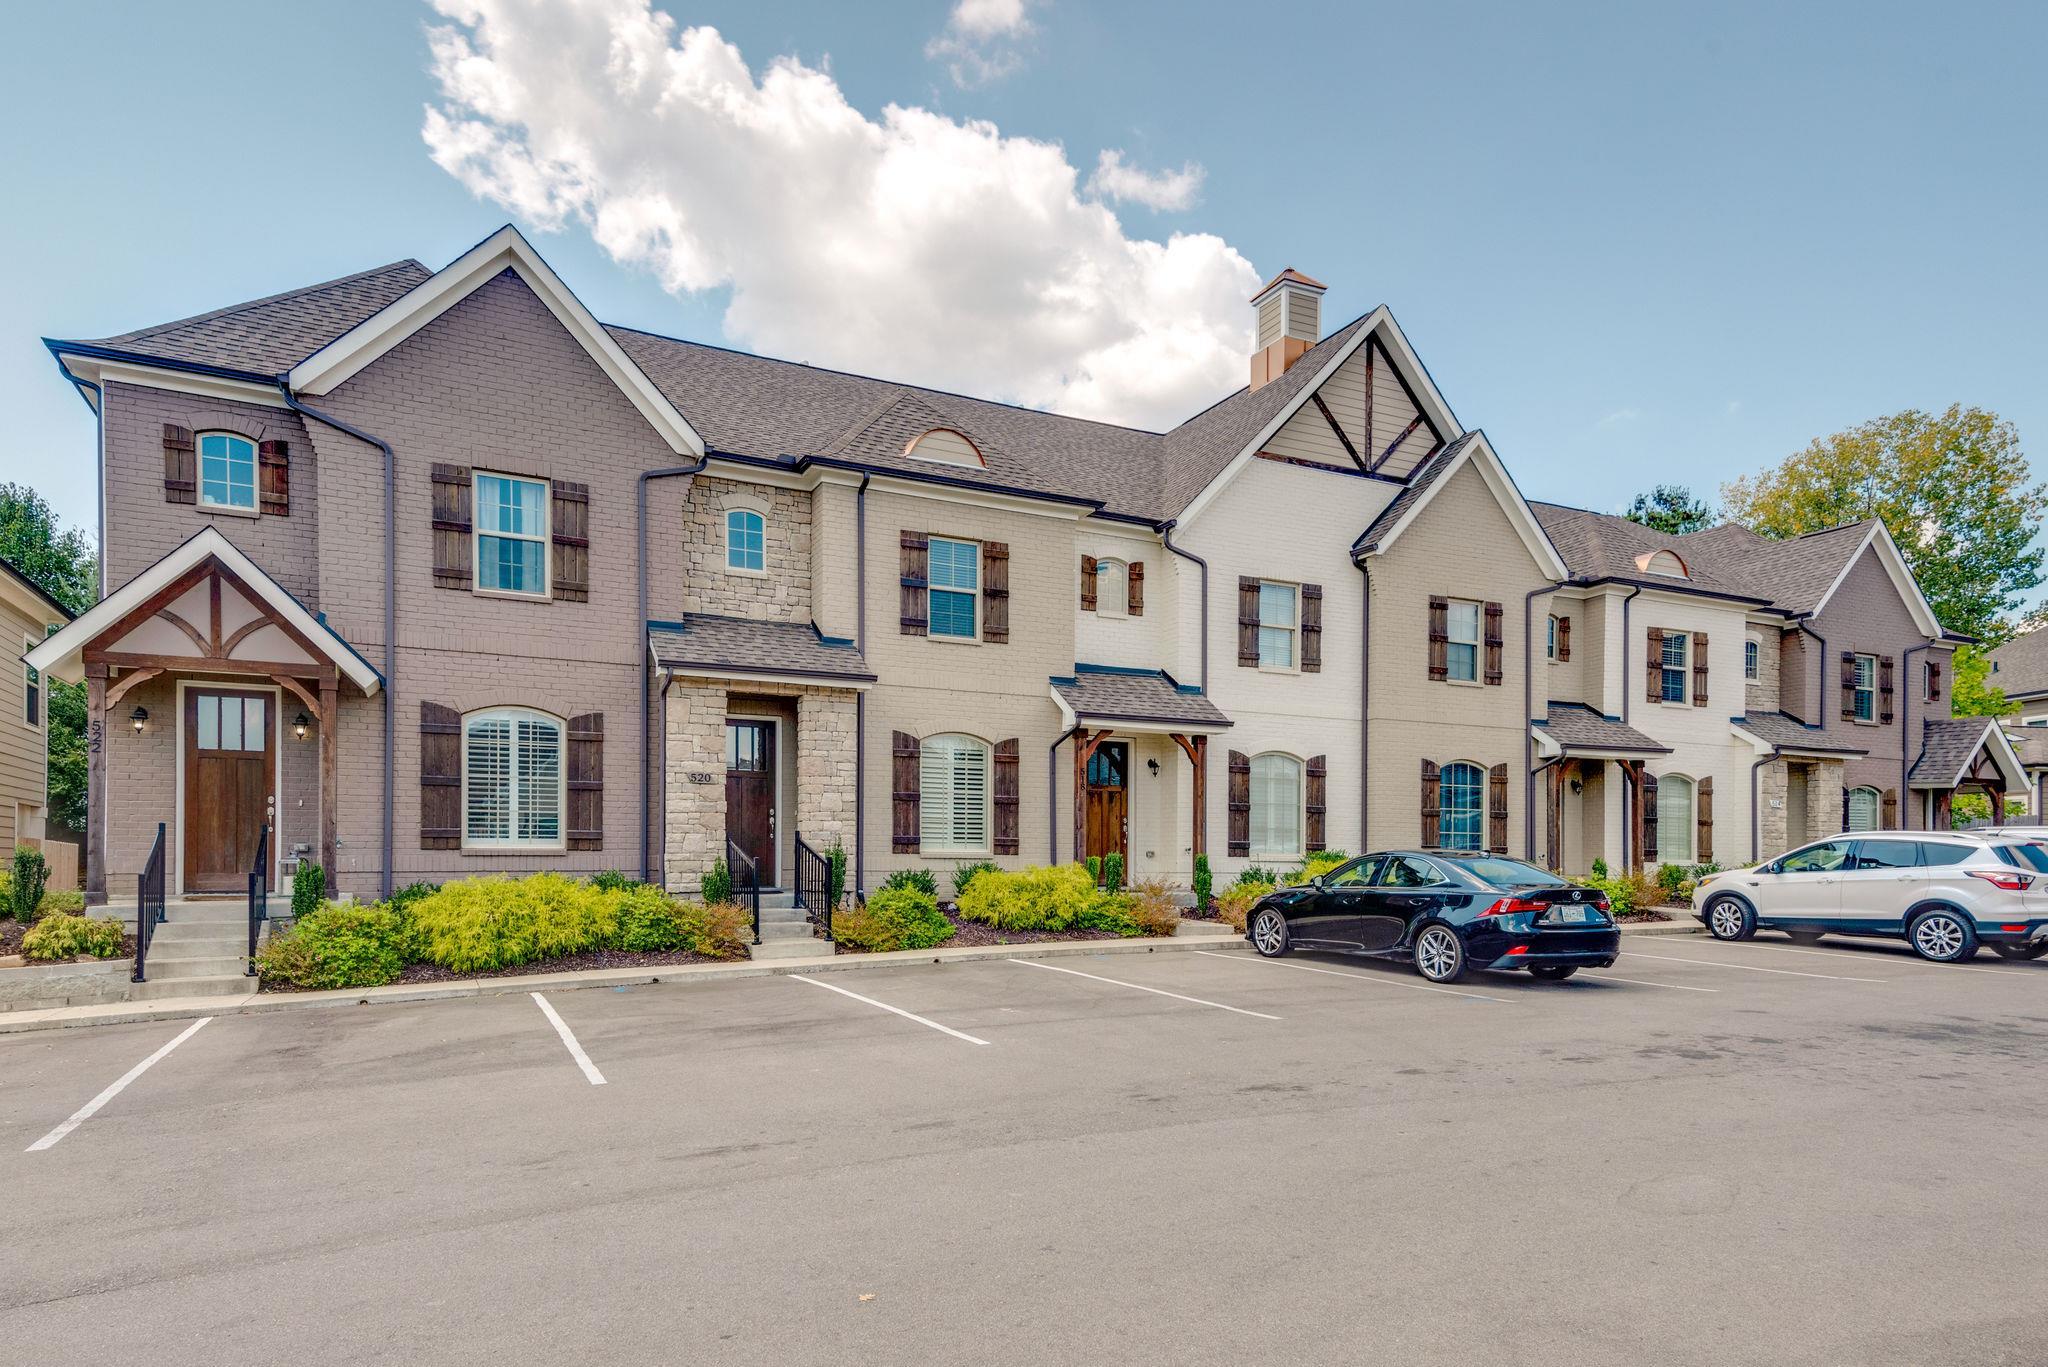 520 Harpeth Park Dr, Nashville, TN 37221 - Nashville, TN real estate listing